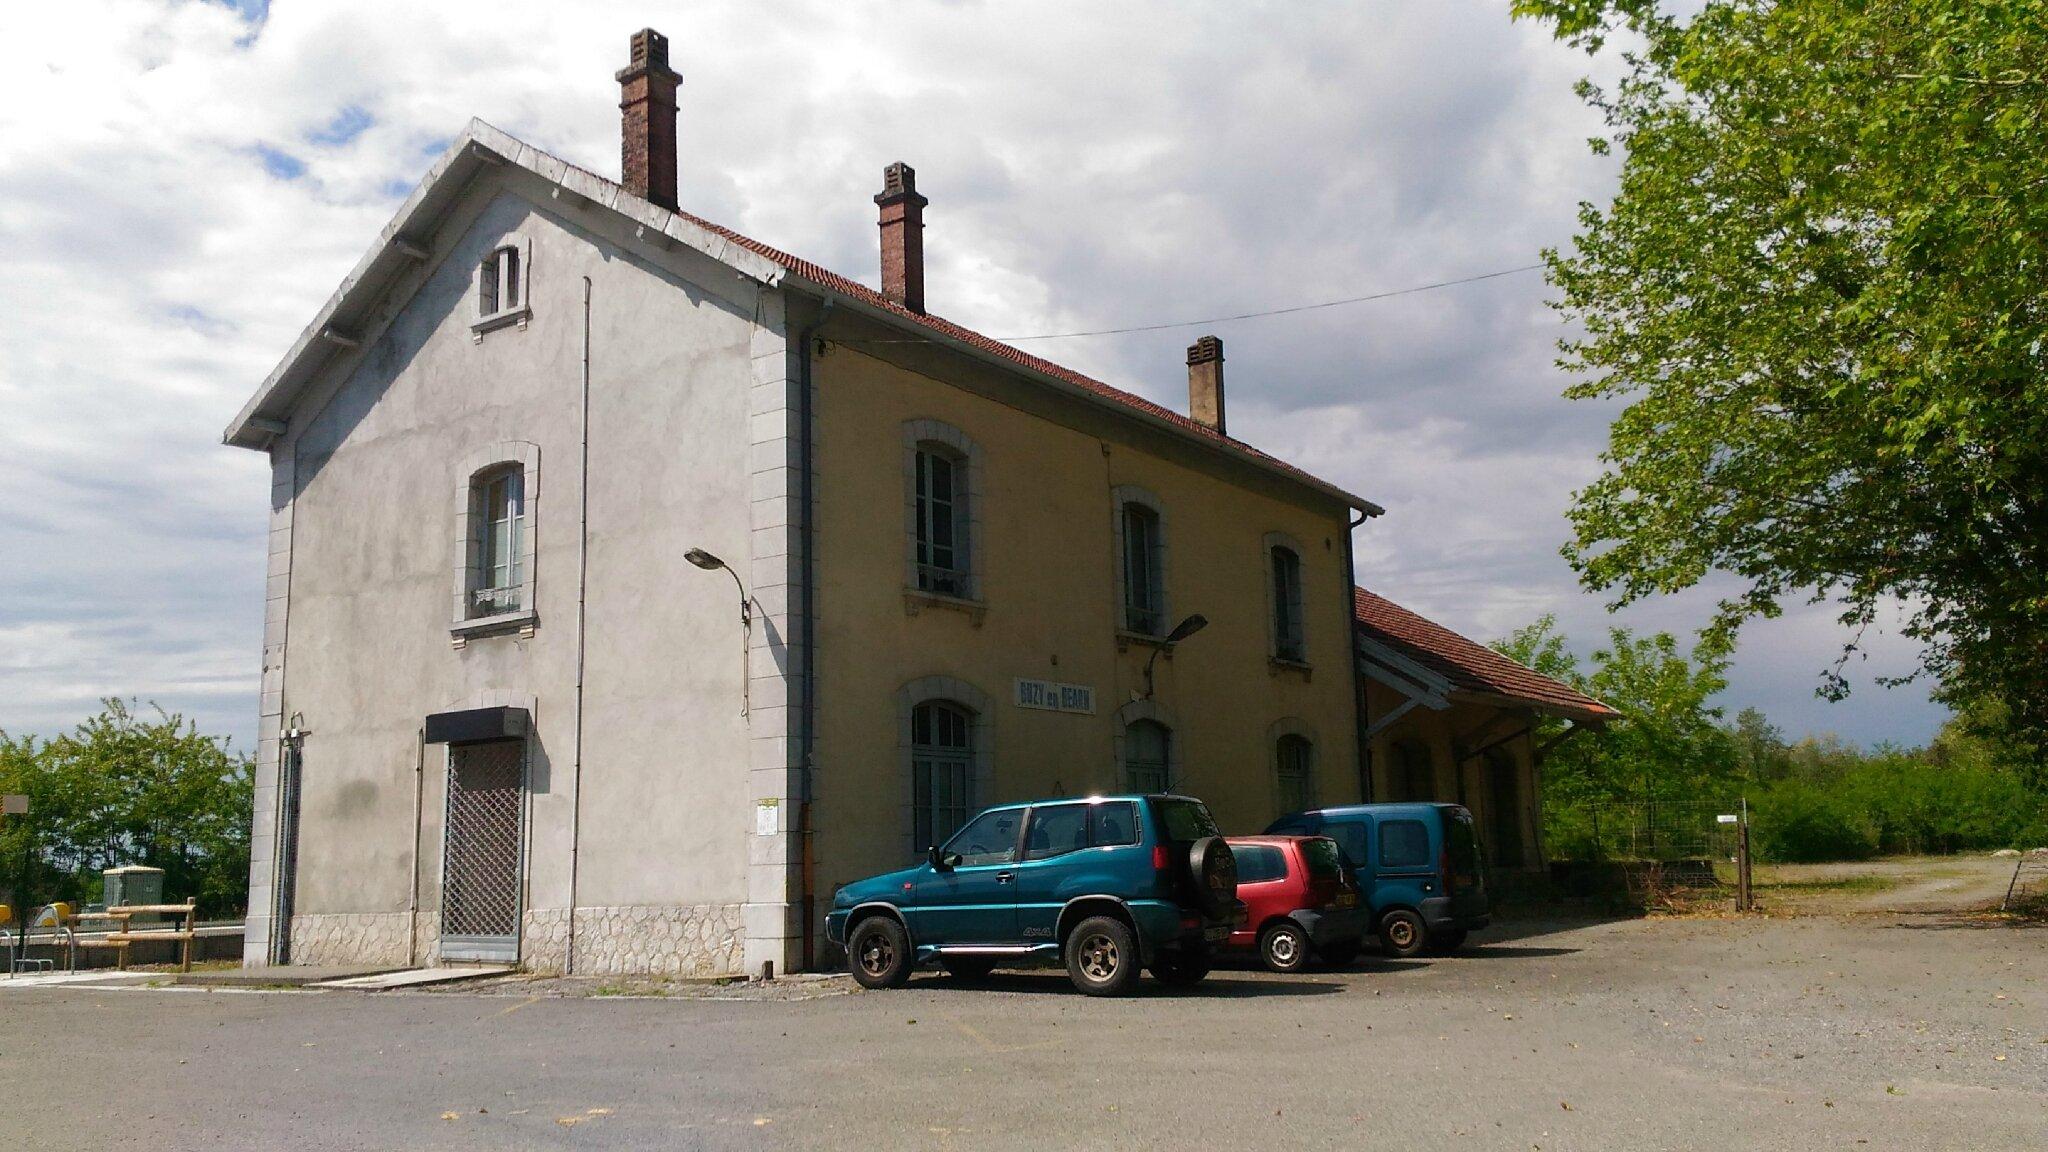 Buzy-en-Béarn (Pyrénées-Atlantiques - 64)